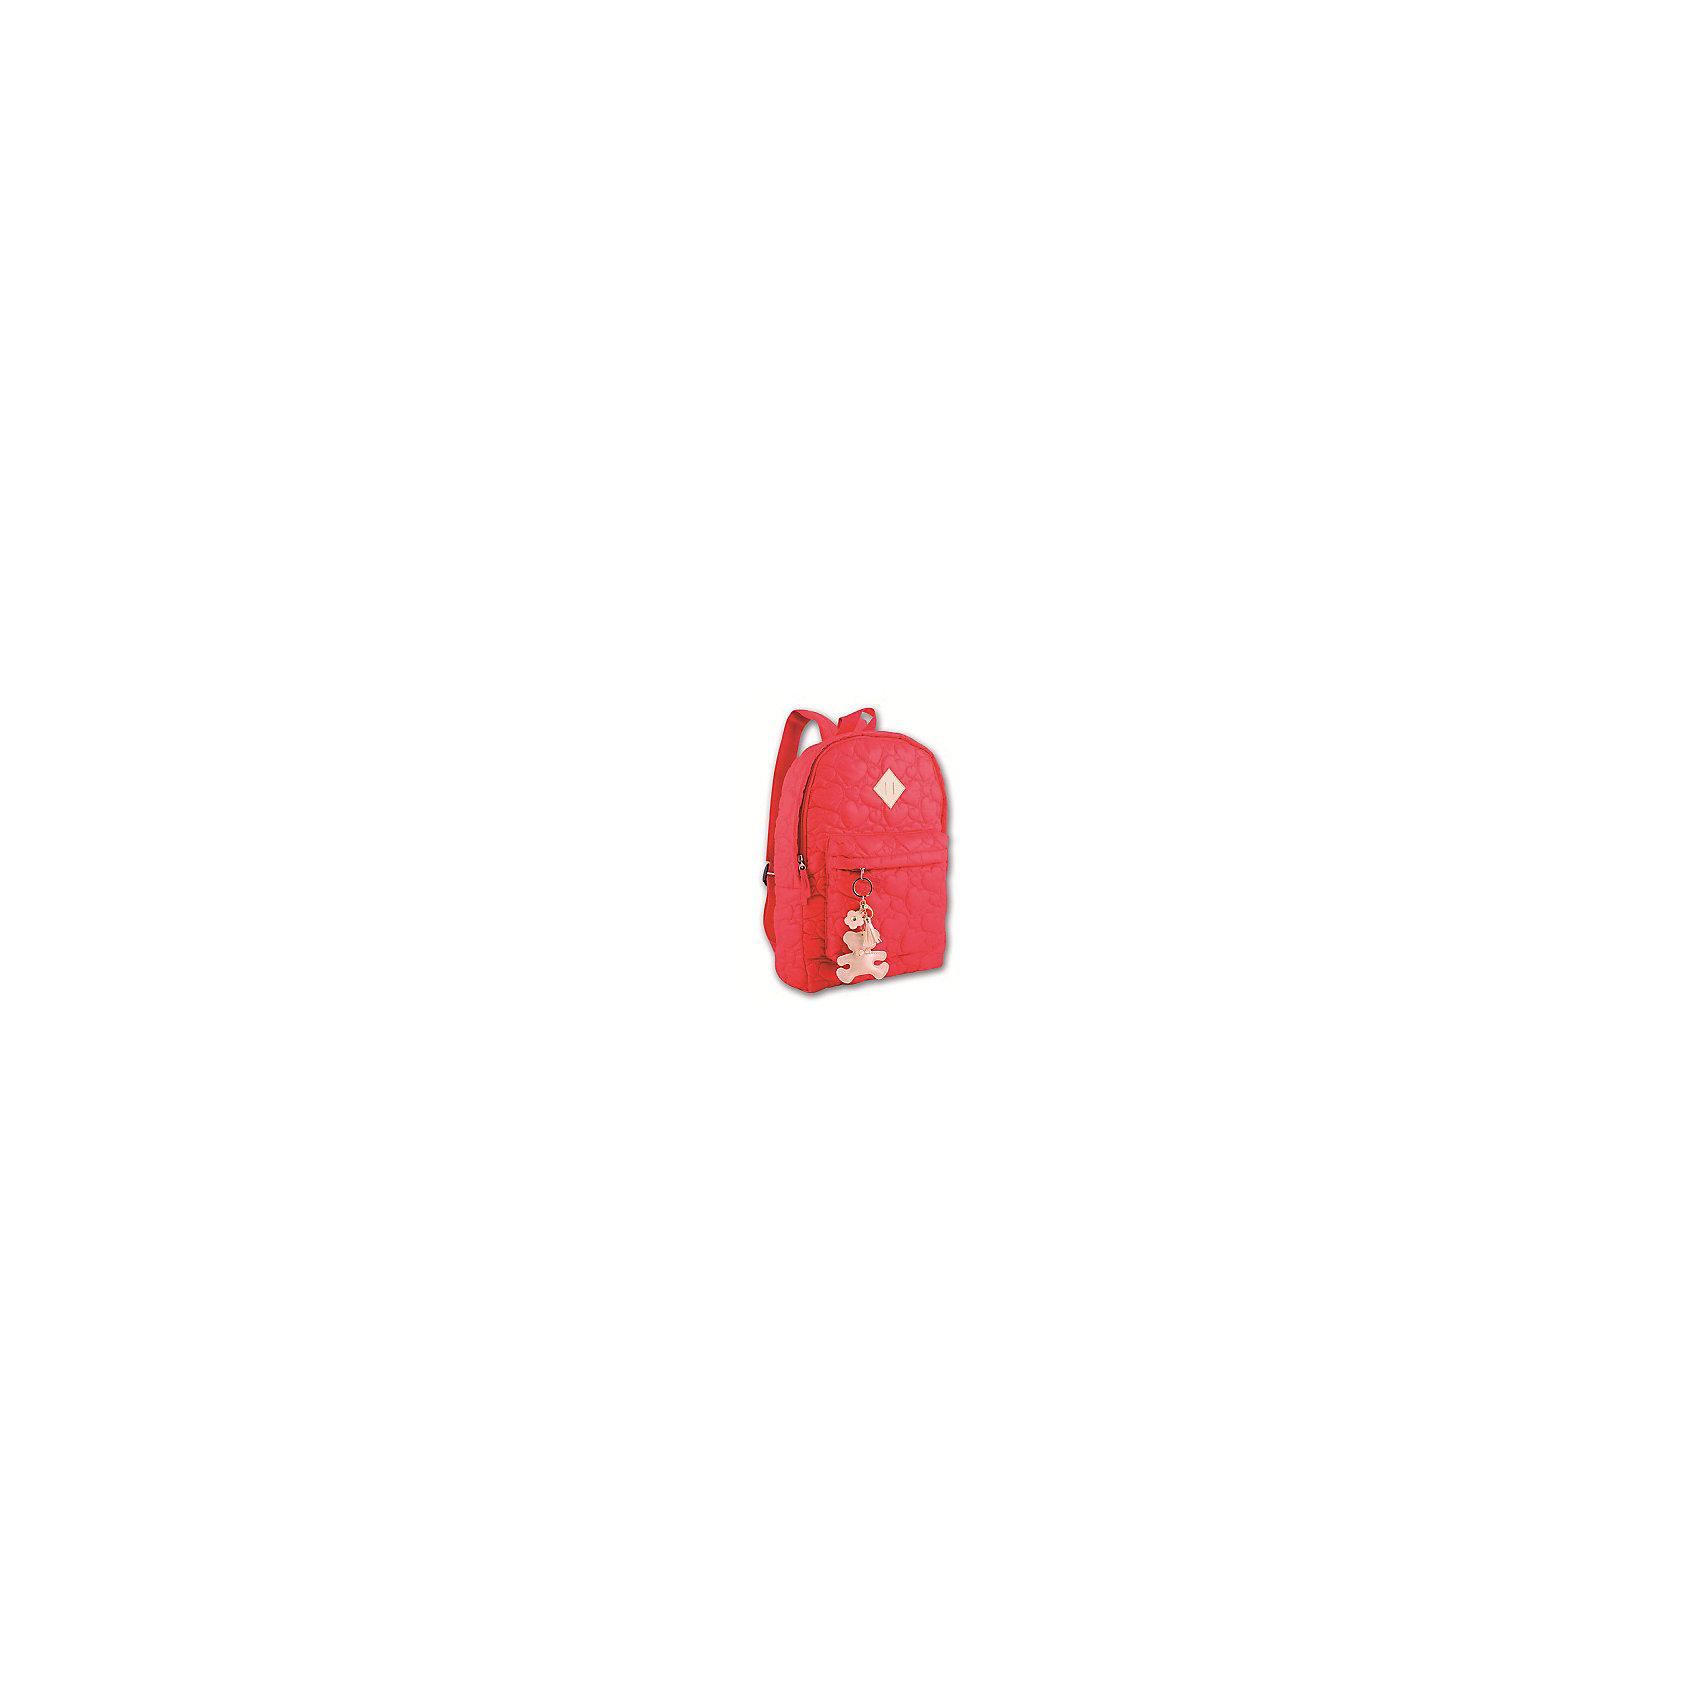 Рюкзак молодежный, алыйСтильный, яркий, удобный рюкзак для Вашей девочки! У рюкзака одно большое отделение на молнии и один дополнительный карман спереди, лямки регулируются.<br><br>Дополнительная информация:<br><br>- Возраст: от 6 лет.<br>- Молнии ранца украшены брелками.<br>- Цвет: алый.<br>- Материал: 100% нейлон.<br>- Размер упаковки: 39х28х9 см.<br>- Вес в упаковке: 270 г.<br><br>Купить молодежный рюкзак в алом цвете, можно в нашем магазине.<br><br>Ширина мм: 390<br>Глубина мм: 280<br>Высота мм: 90<br>Вес г: 270<br>Возраст от месяцев: 72<br>Возраст до месяцев: 2147483647<br>Пол: Унисекс<br>Возраст: Детский<br>SKU: 4943611